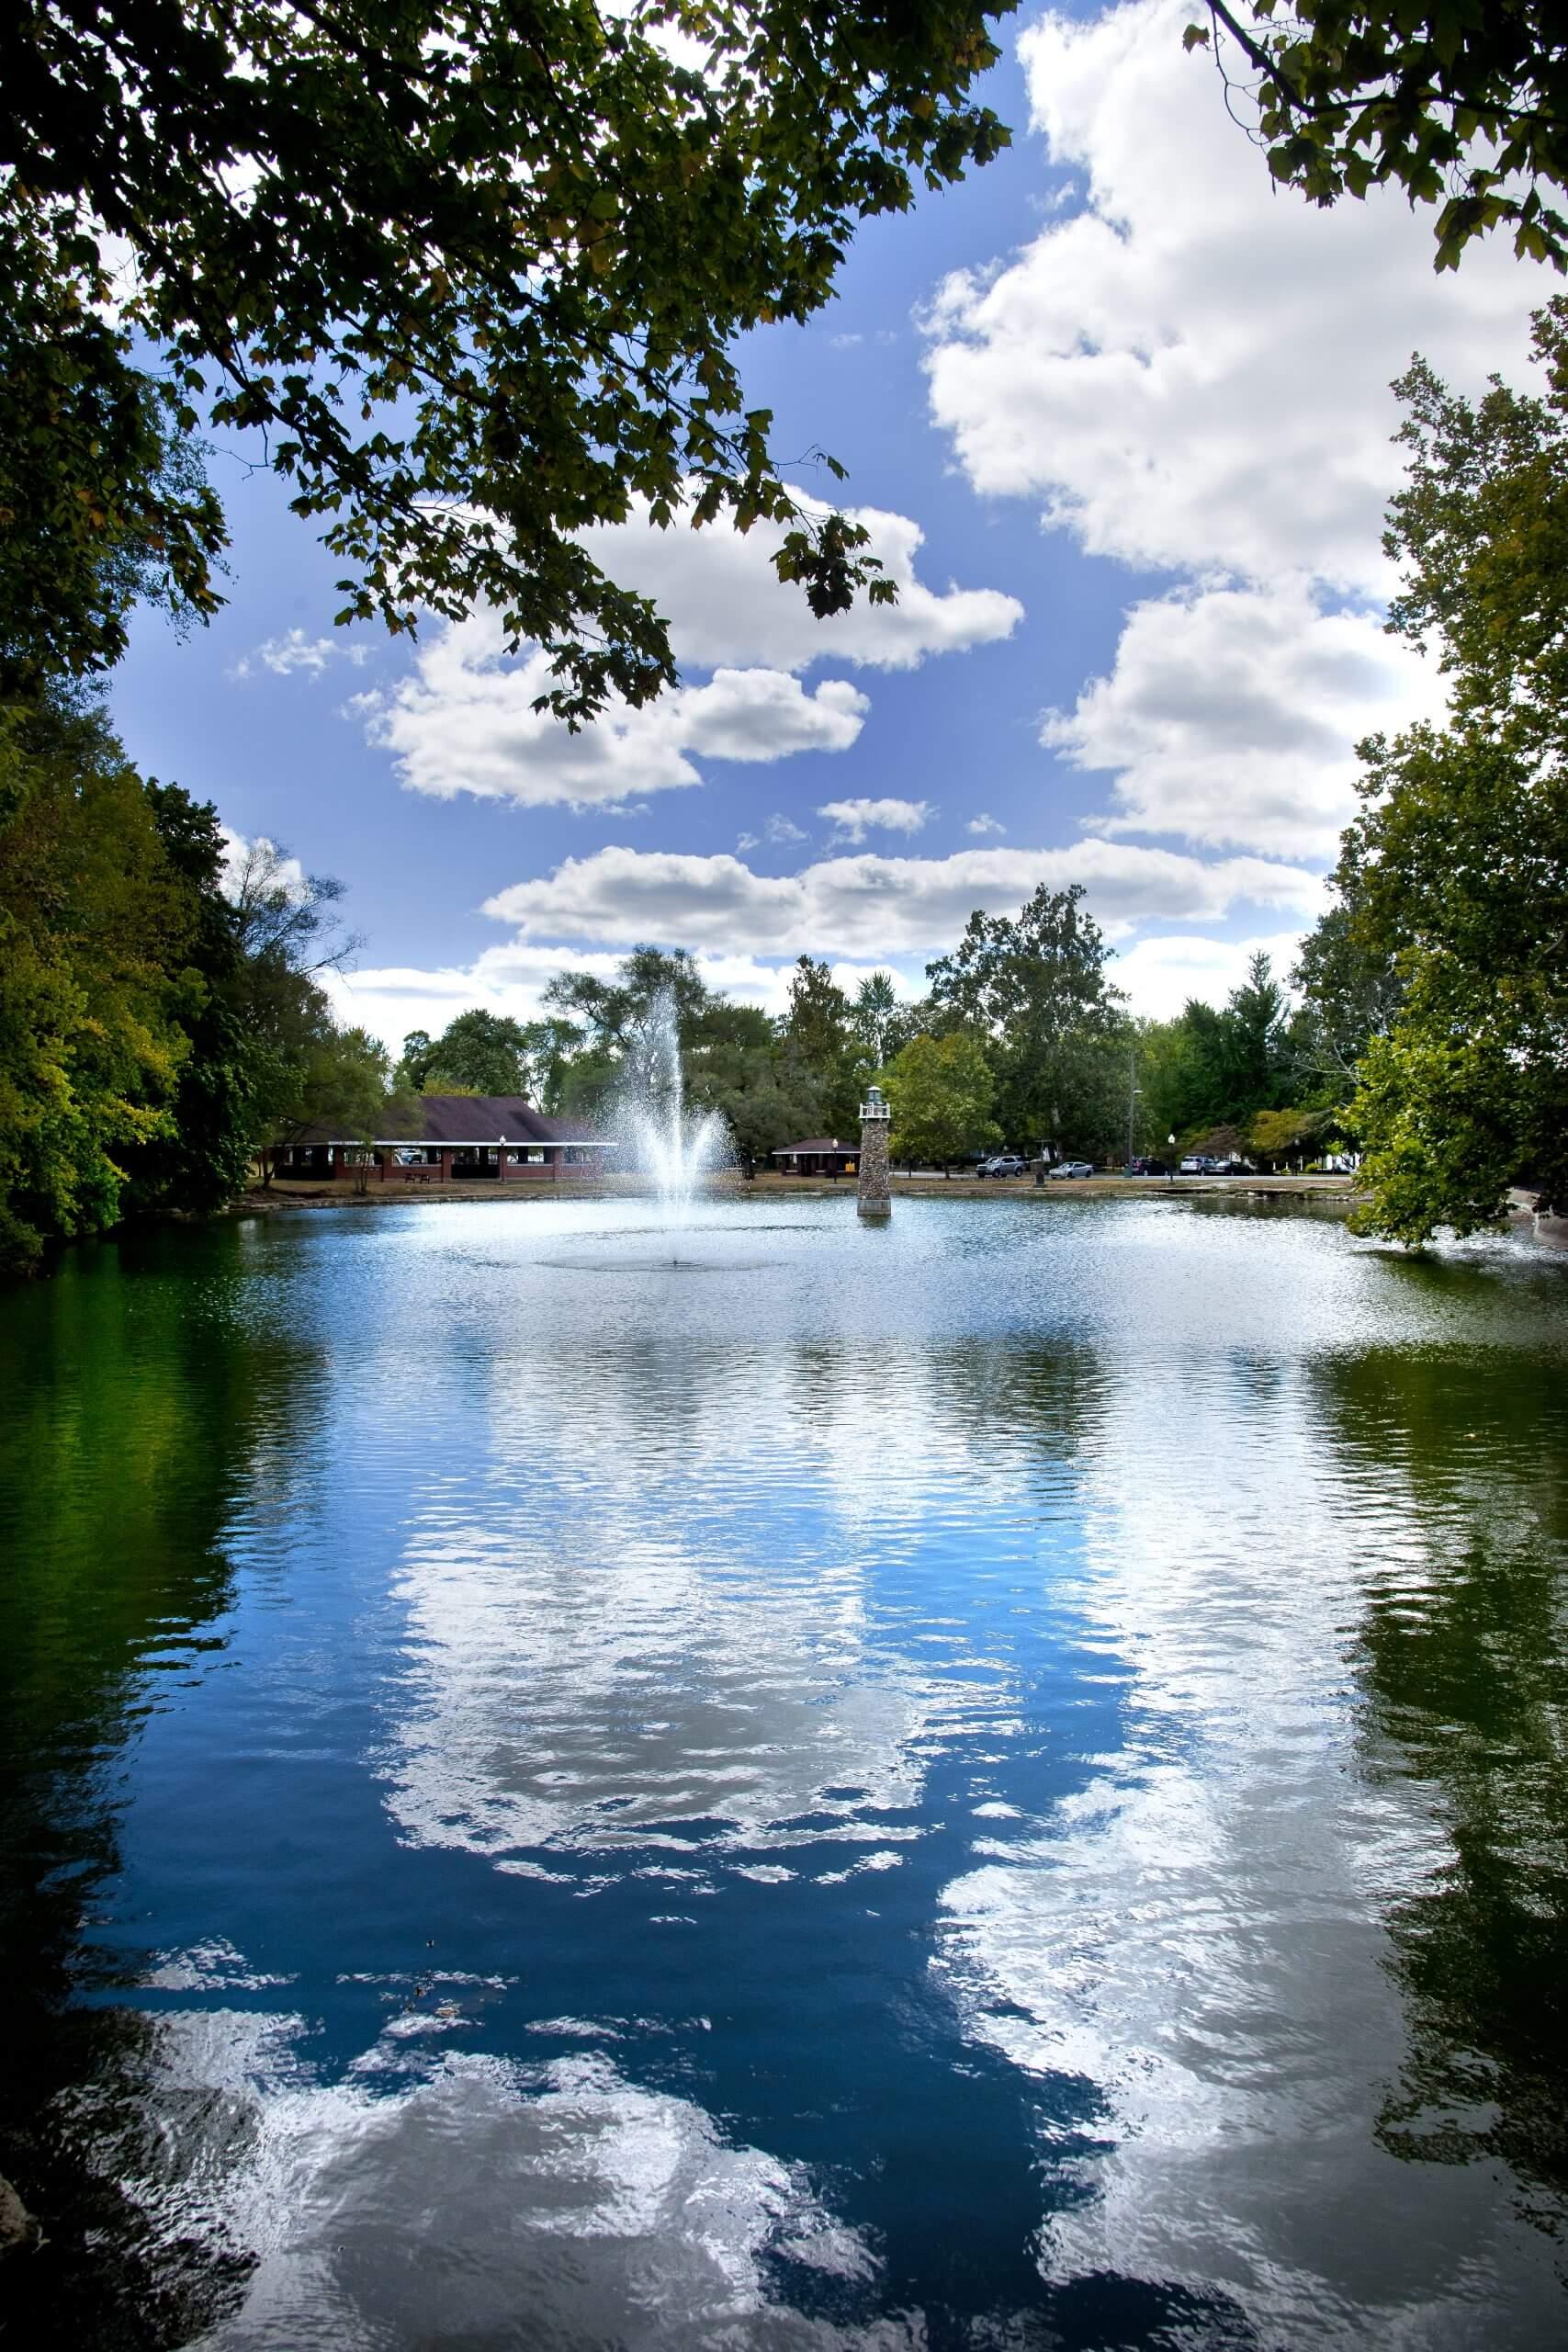 Falls Park in Pendleton